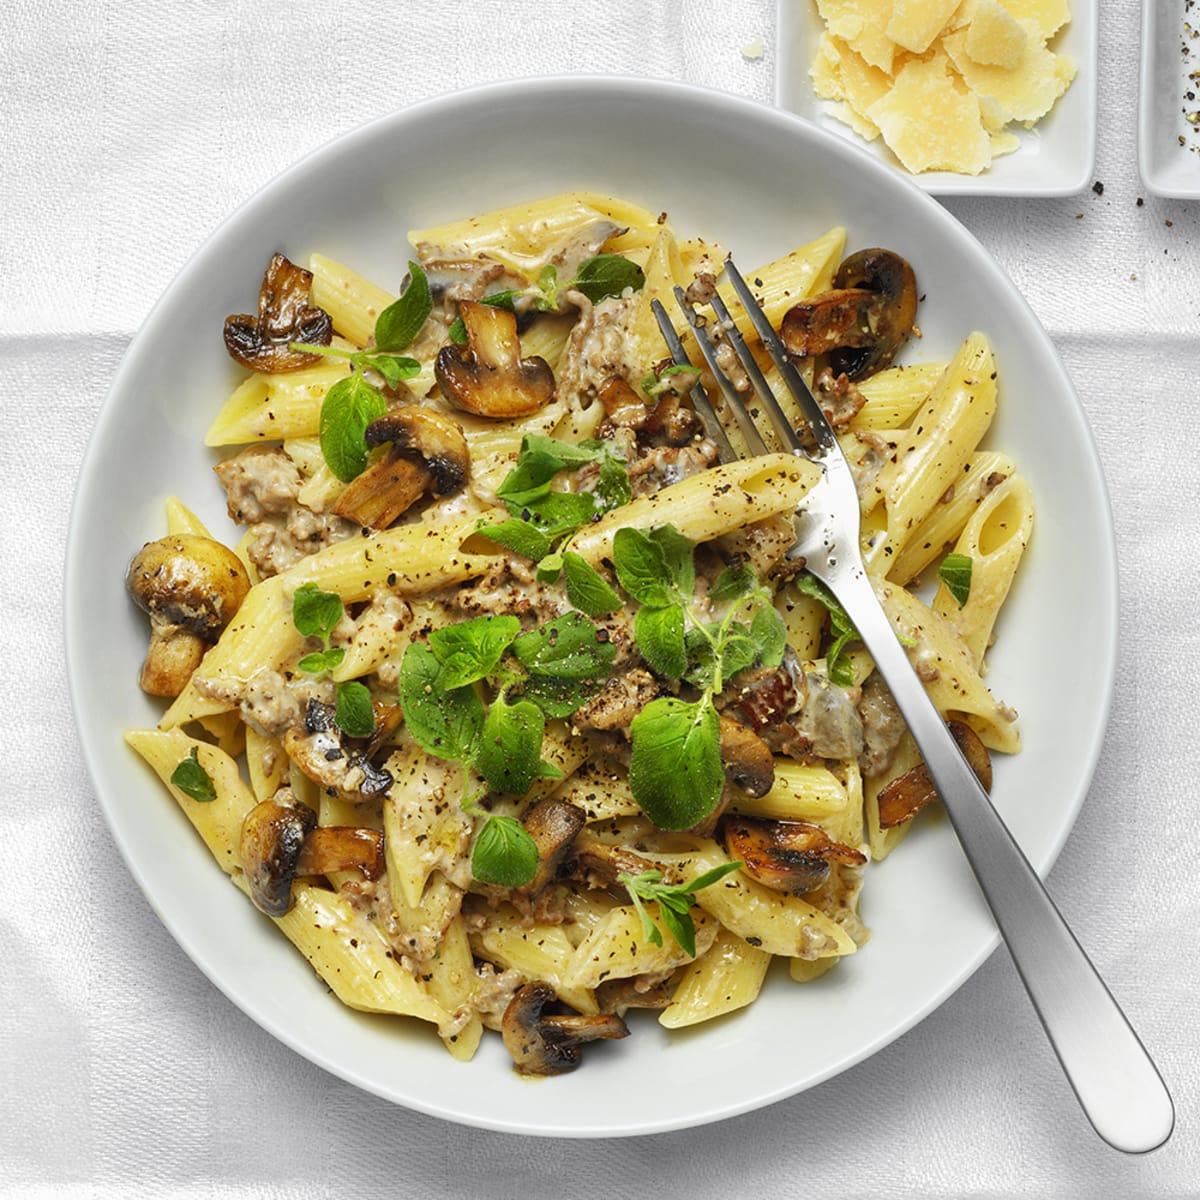 köttfärs med pasta